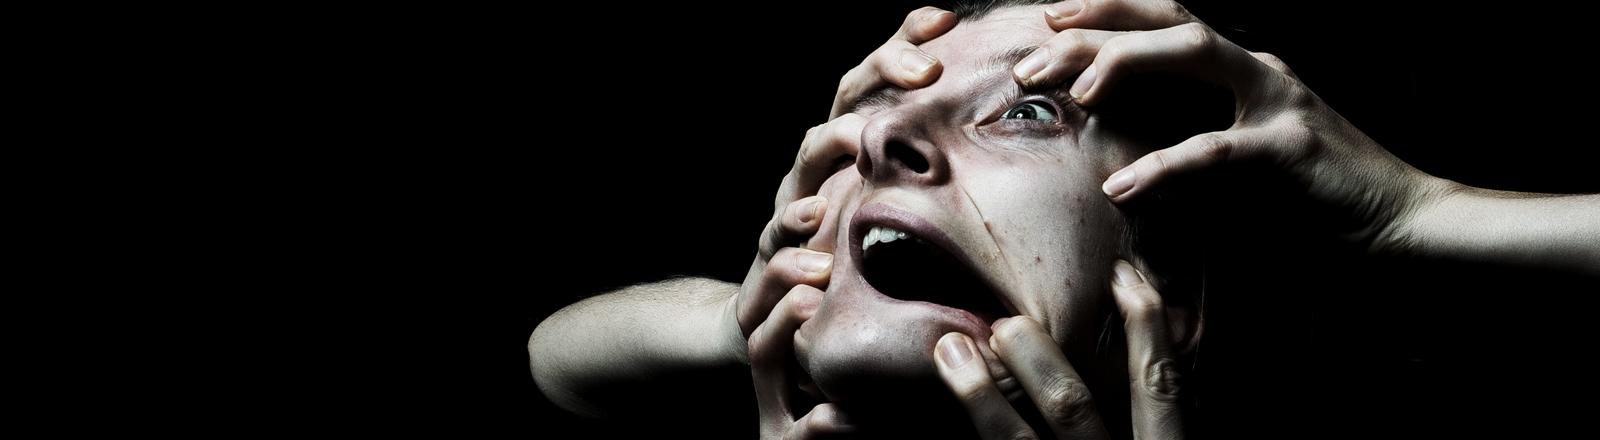 Mehrere Hände packen einer Frau ins Gesicht.